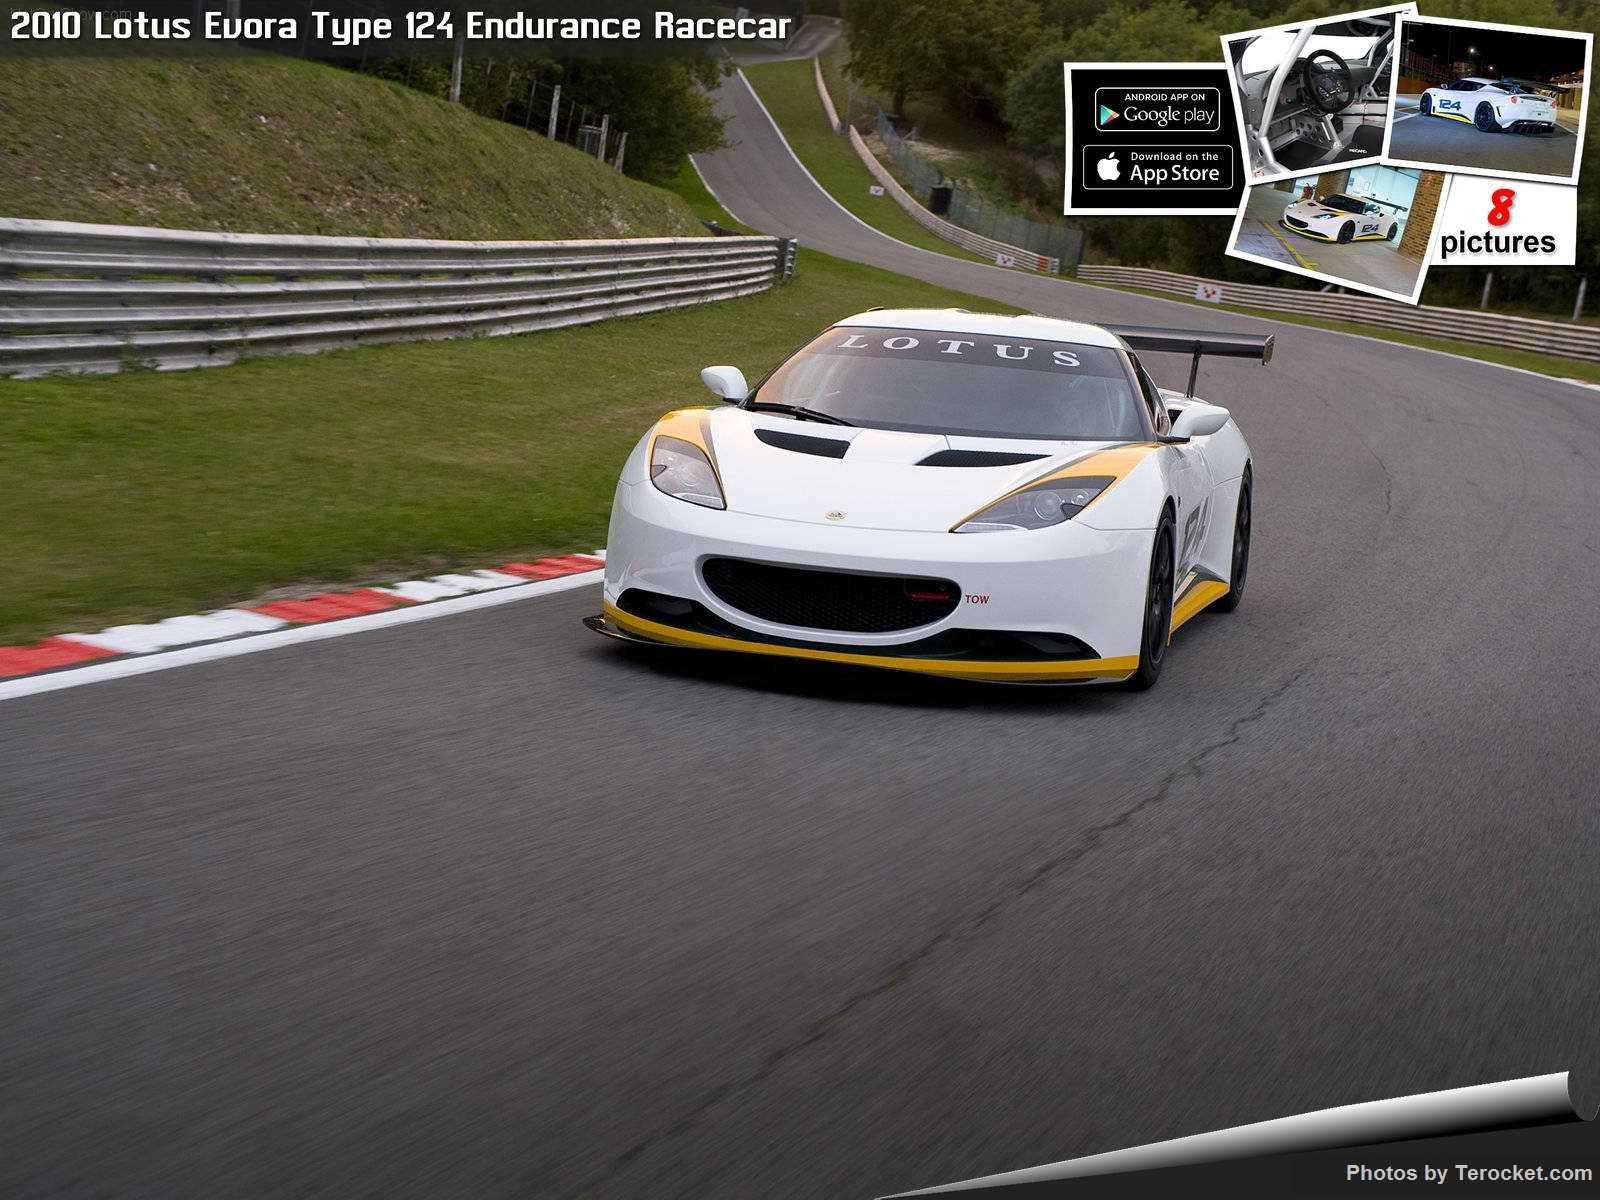 Hình ảnh siêu xe Lotus Evora Type 124 Endurance Racecar 2010 & nội ngoại thất